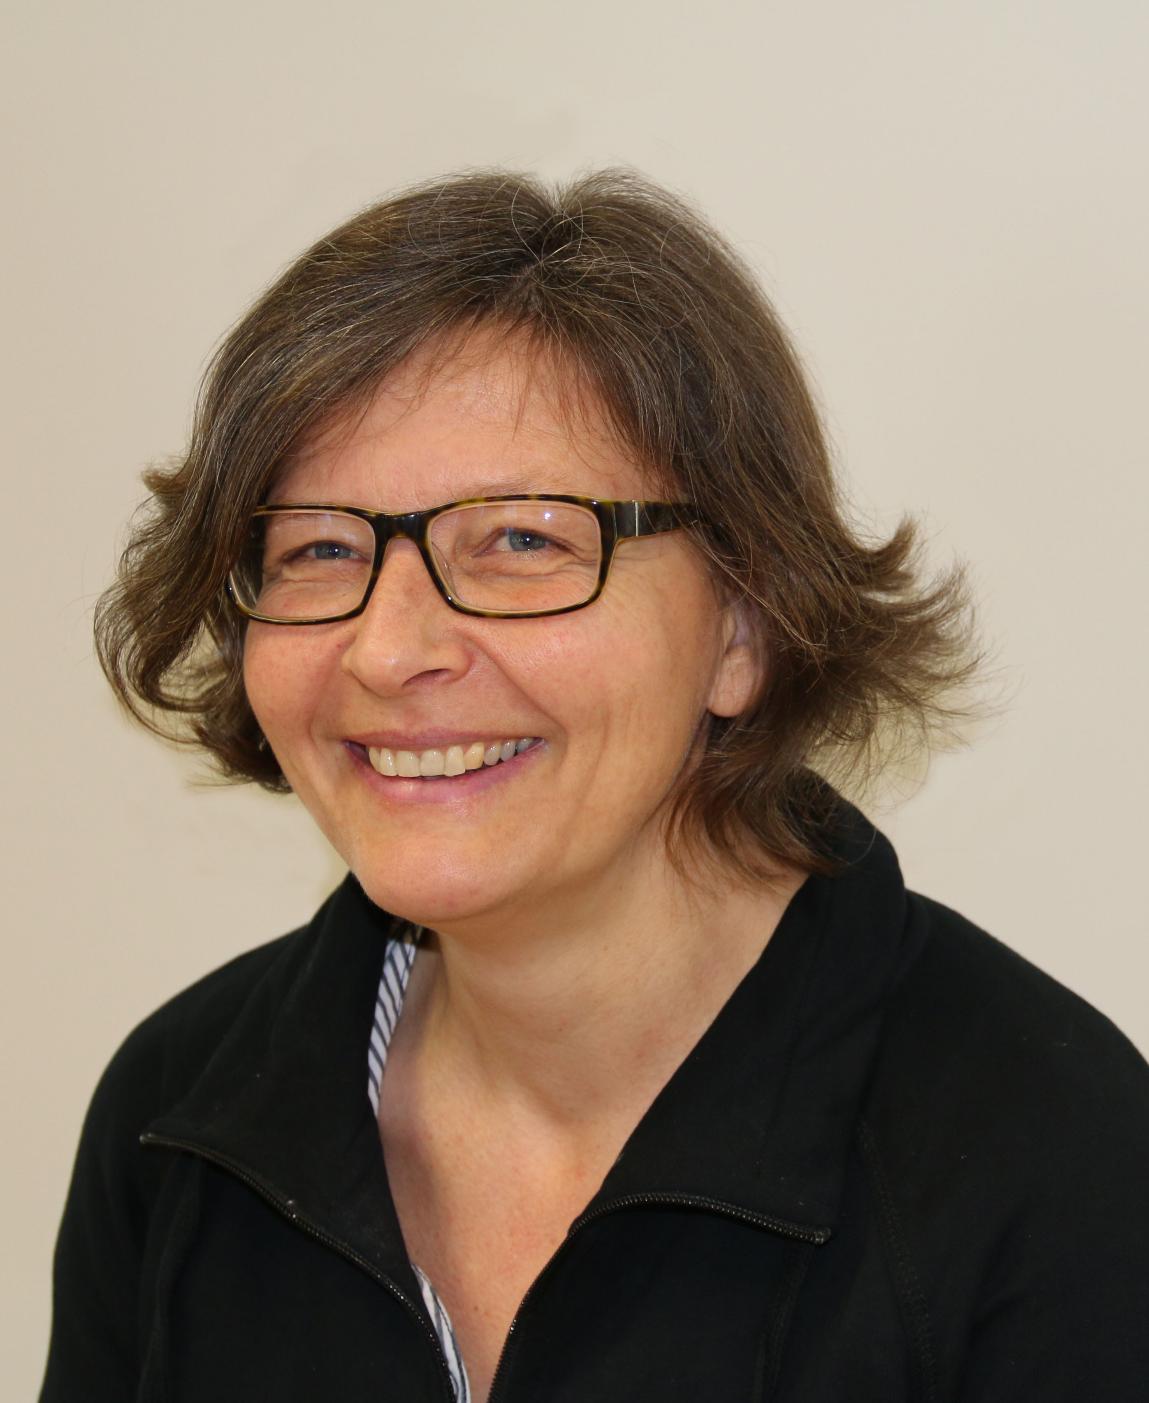 Susanne Klöckner-Schultz